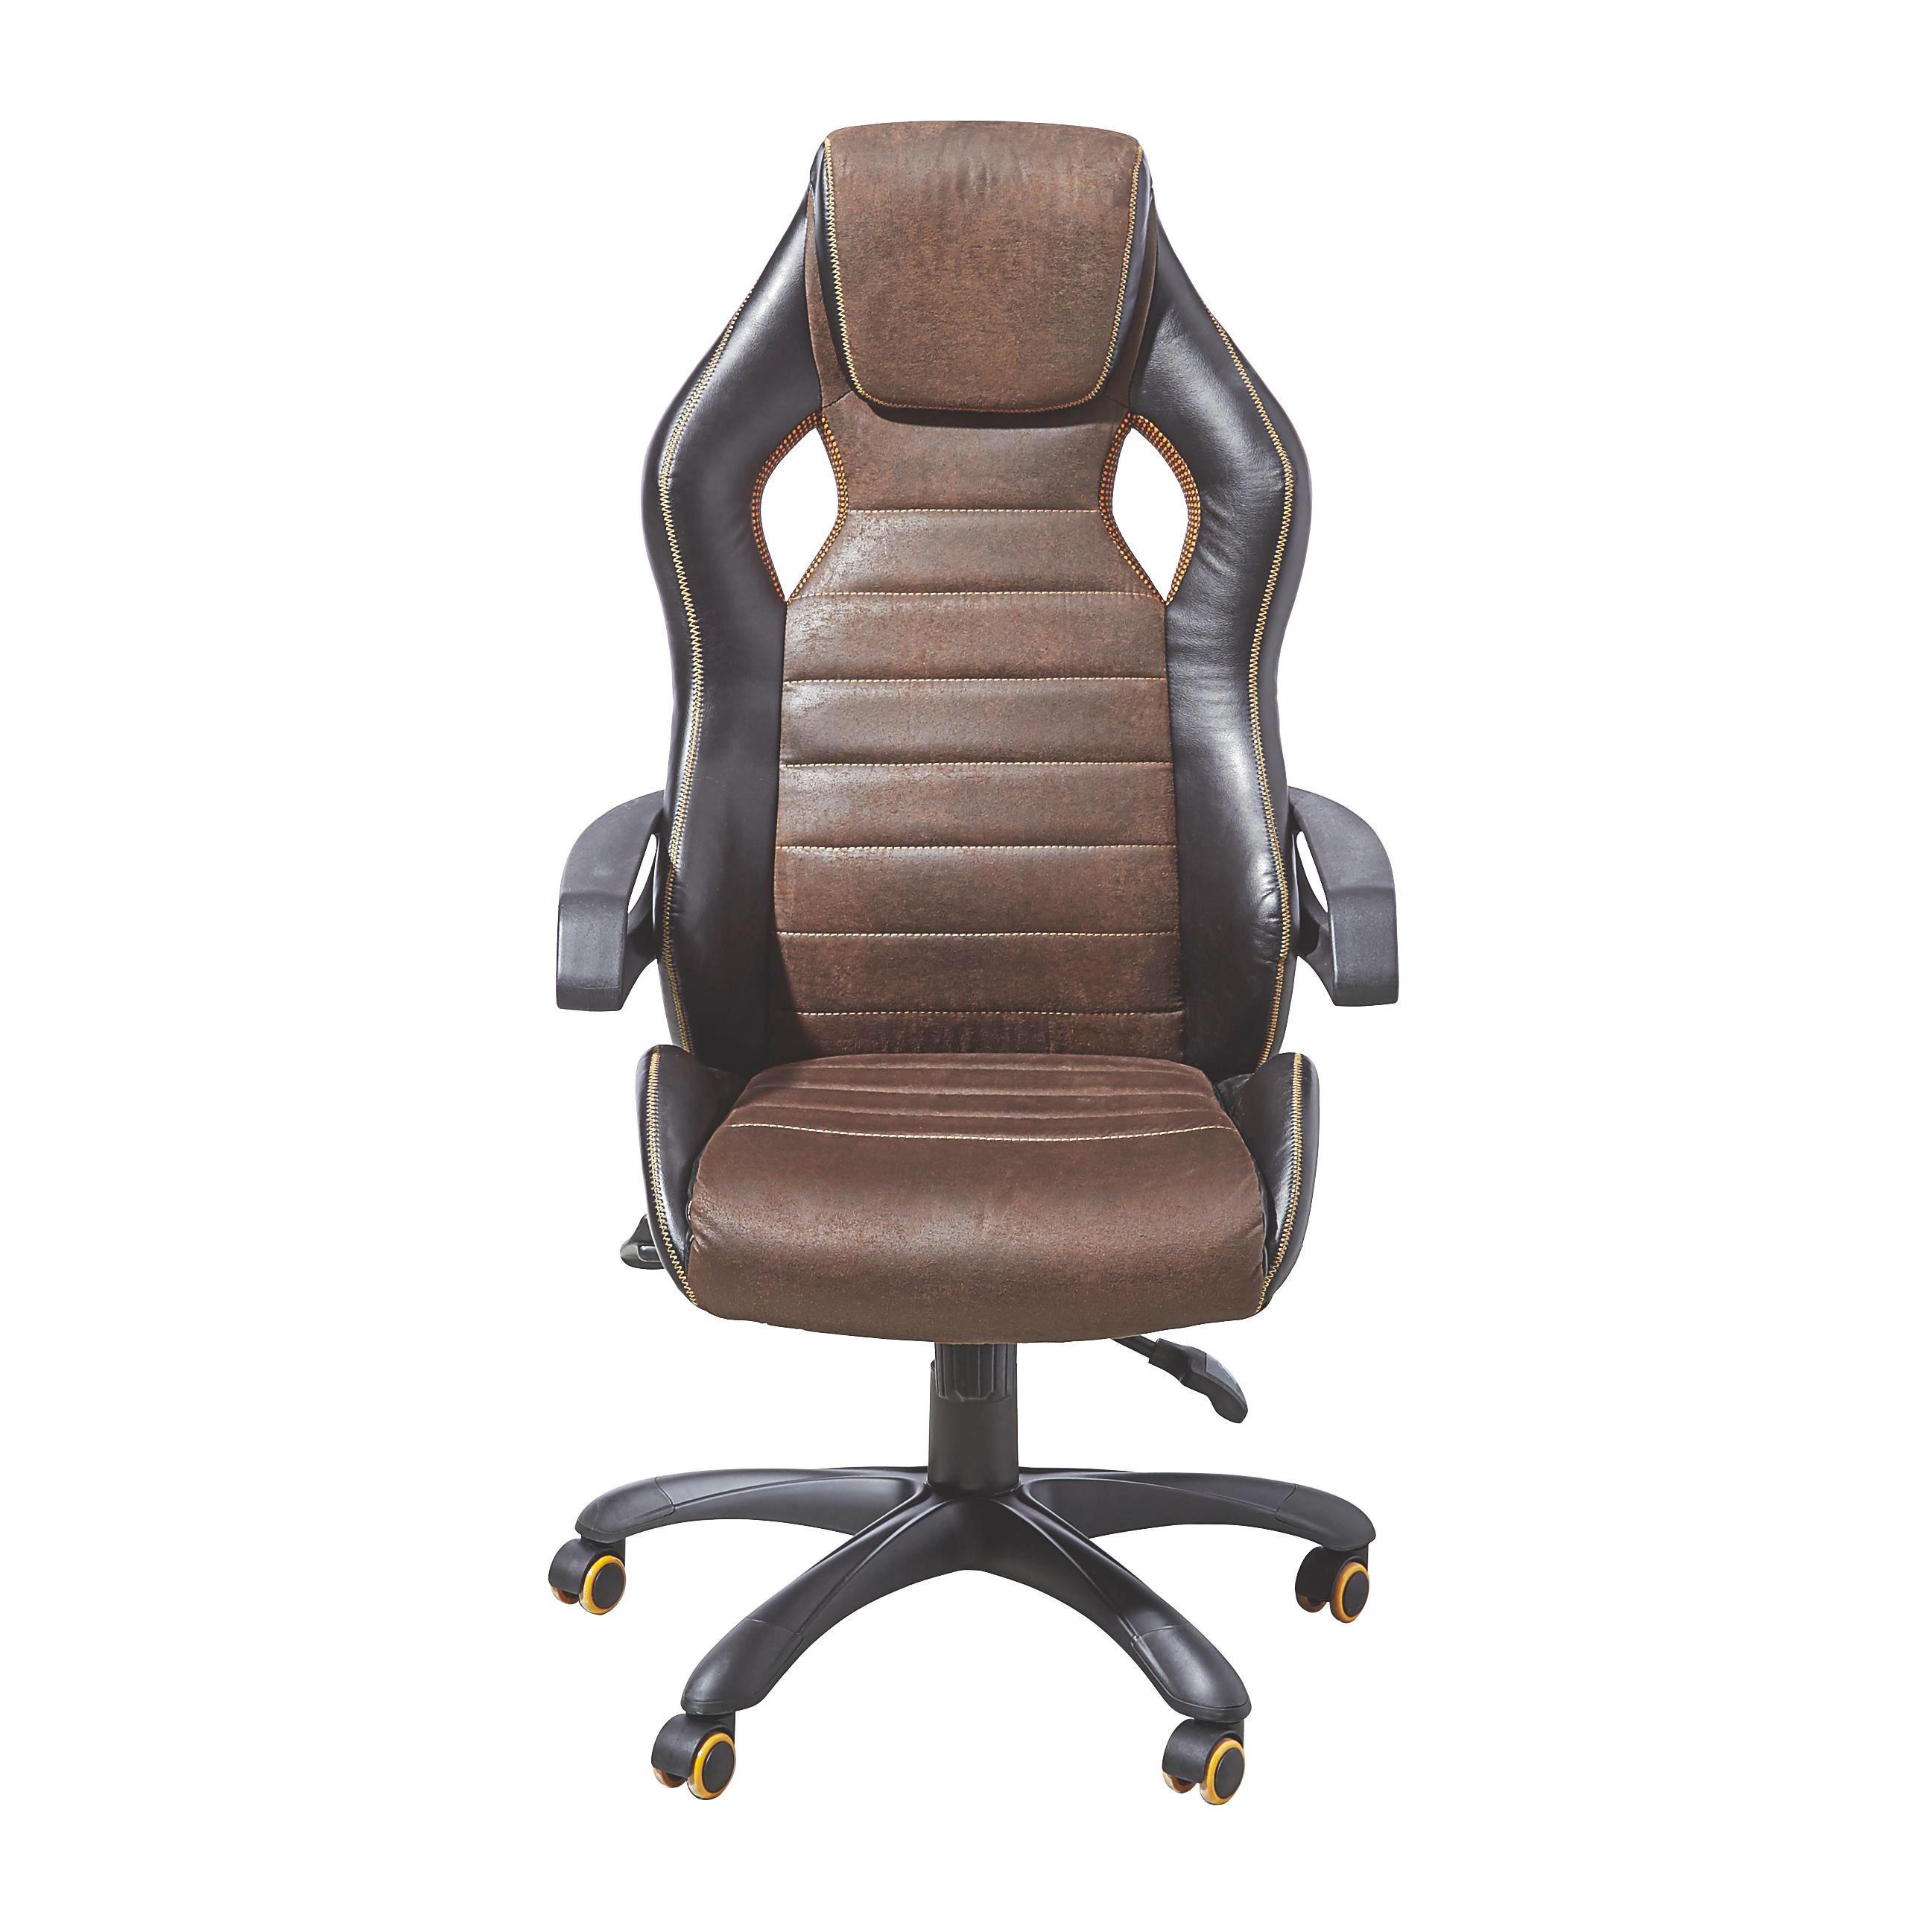 CHEFSESSEL Lederlook Braun, Schwarz - Schwarz/Braun, Design, Kunststoff/Textil (64/122-132/65cm) - XORA